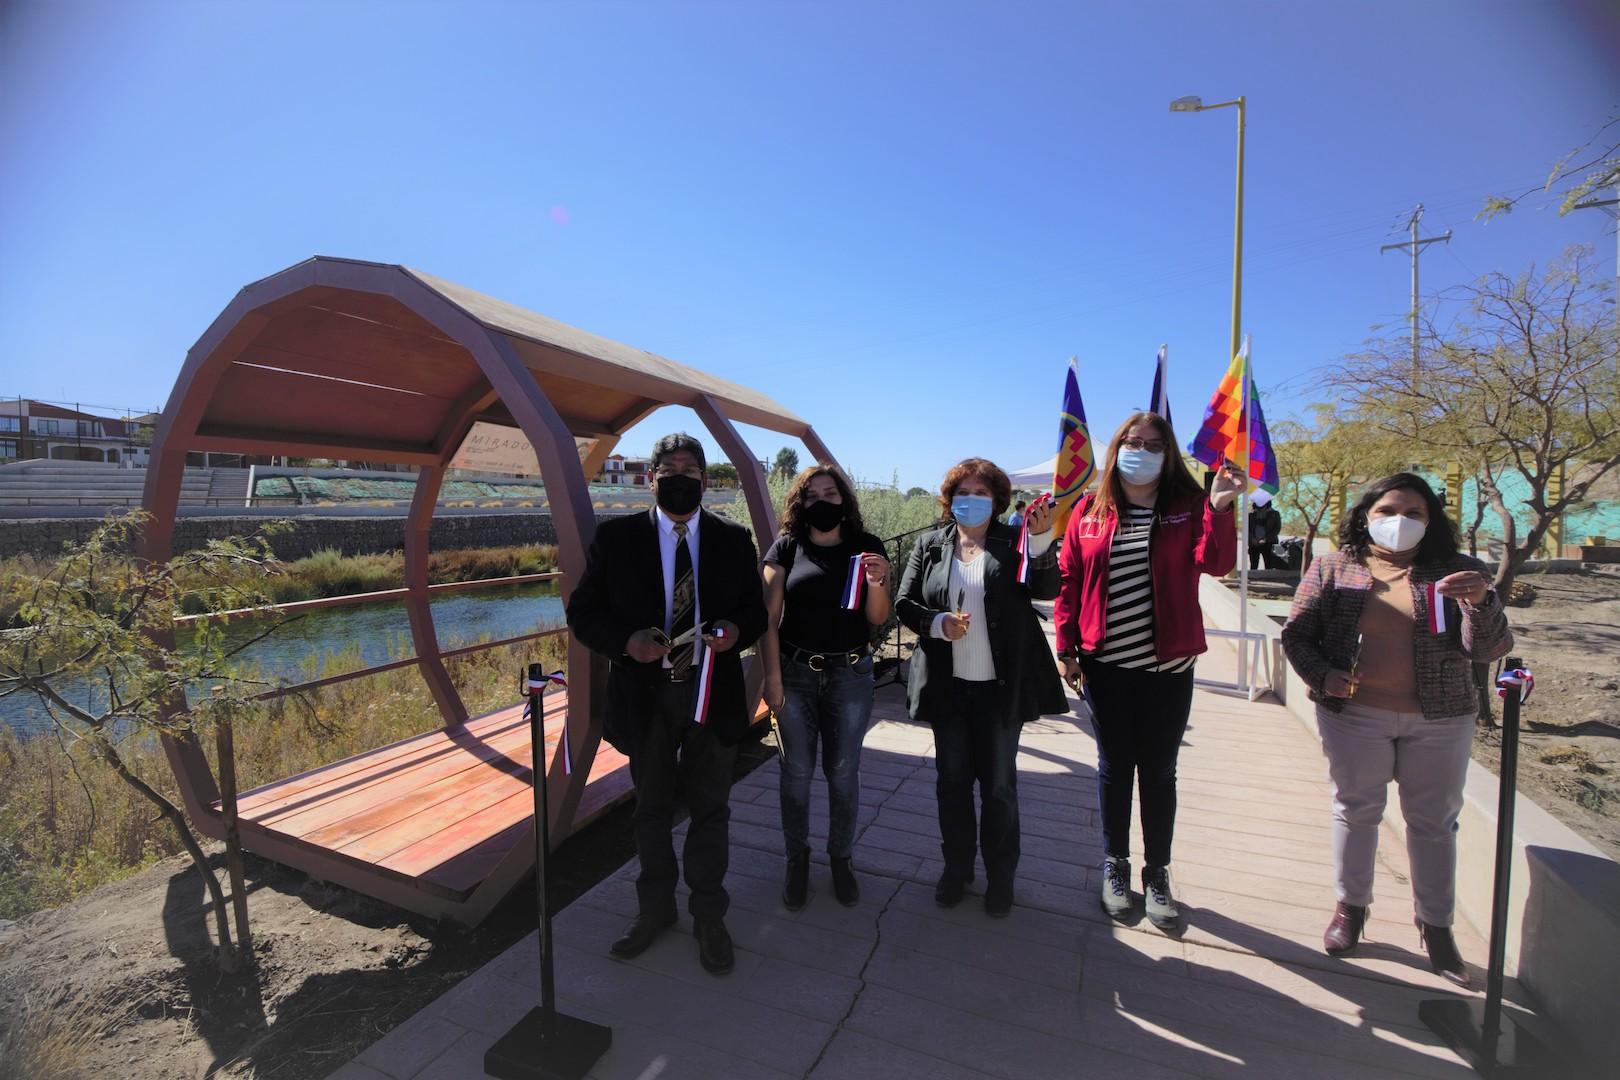 Inauguran mirador borde rio inspirado en un refugio para el avistamiento de aves en el Parque El Loa